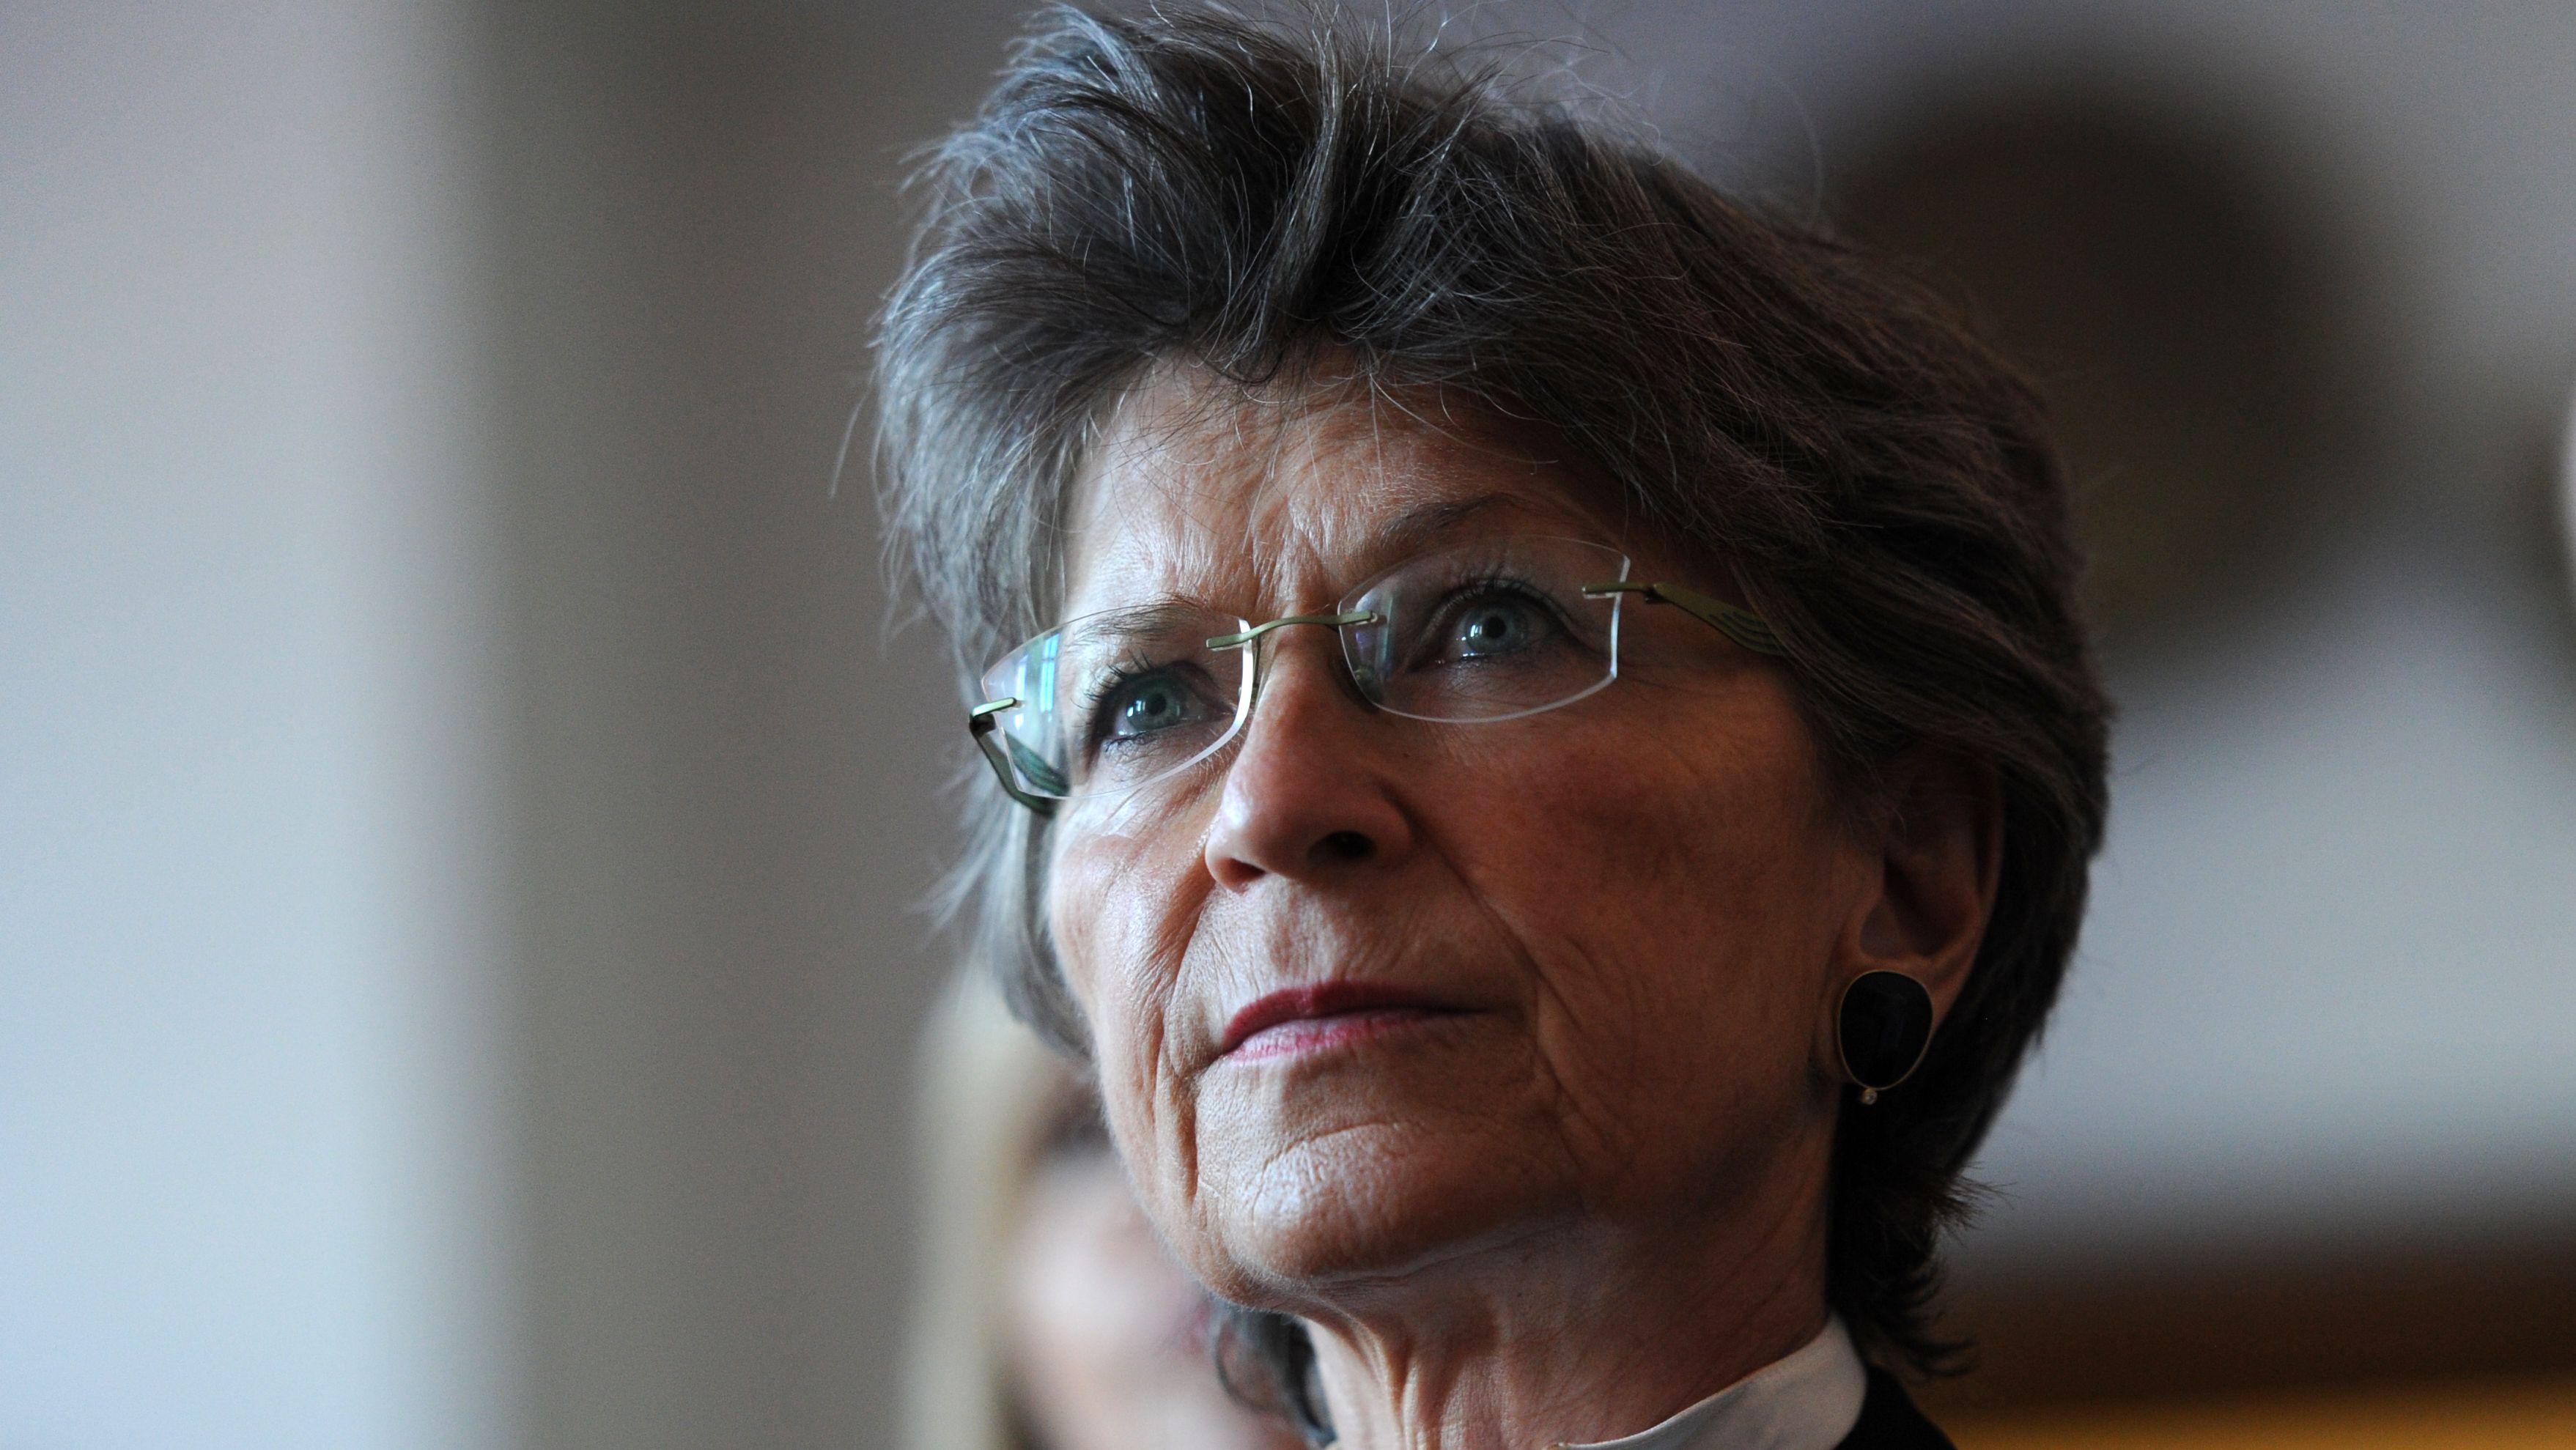 Regionalbischöfin beklagt zunehmenden Antisemitismus